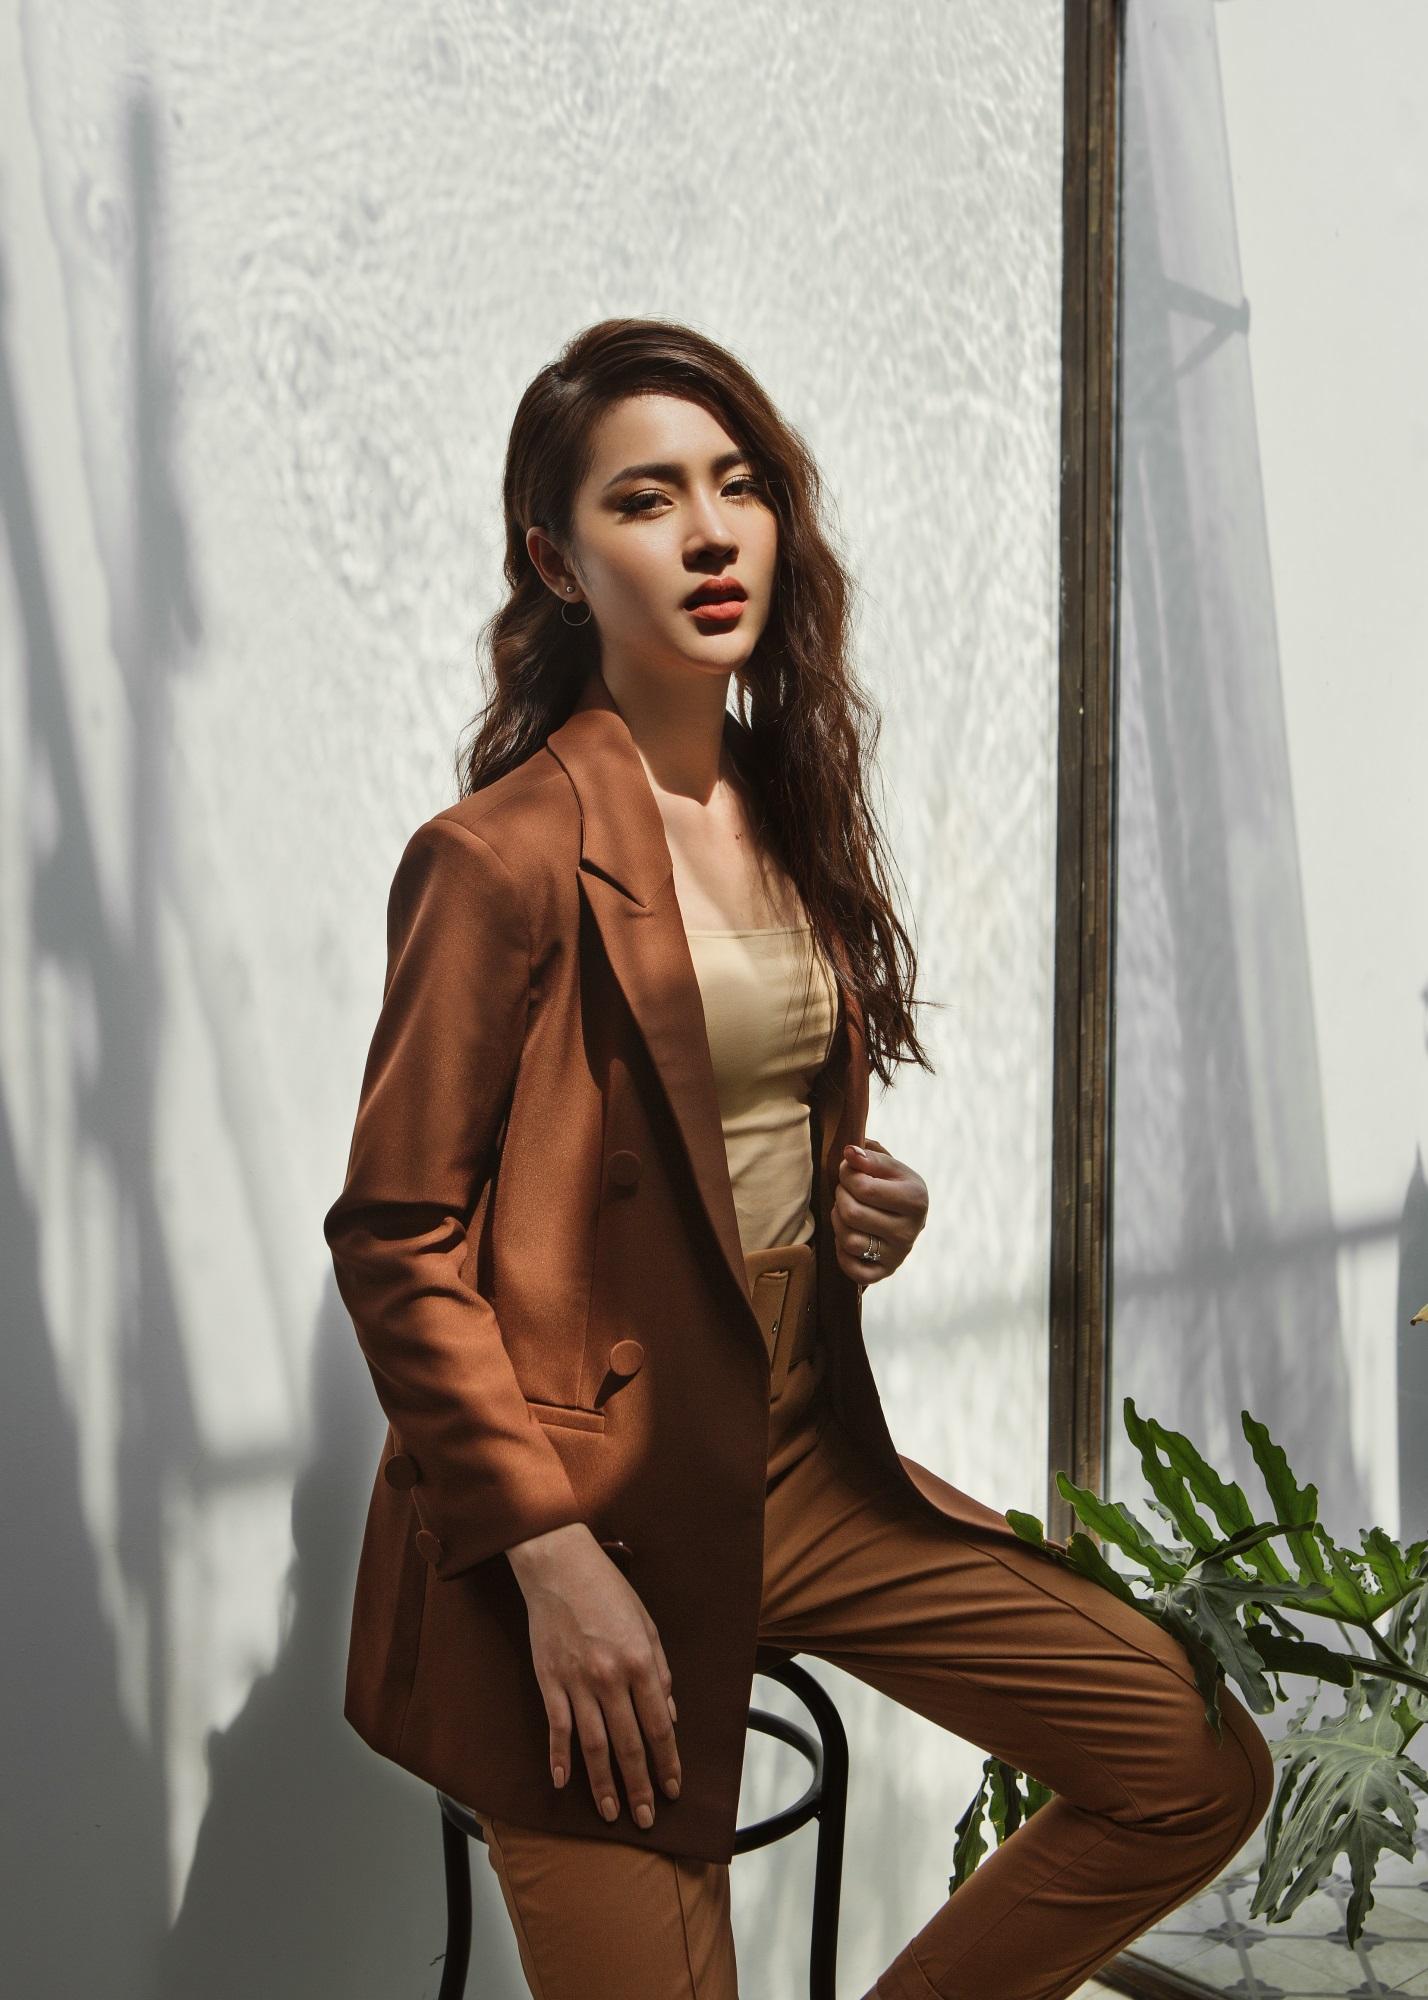 Hoa hậu Biển Kim Ngọc 'tái xuất' với hình ảnh quý cô thanh lịch đầy cuốn hút - Ảnh 2